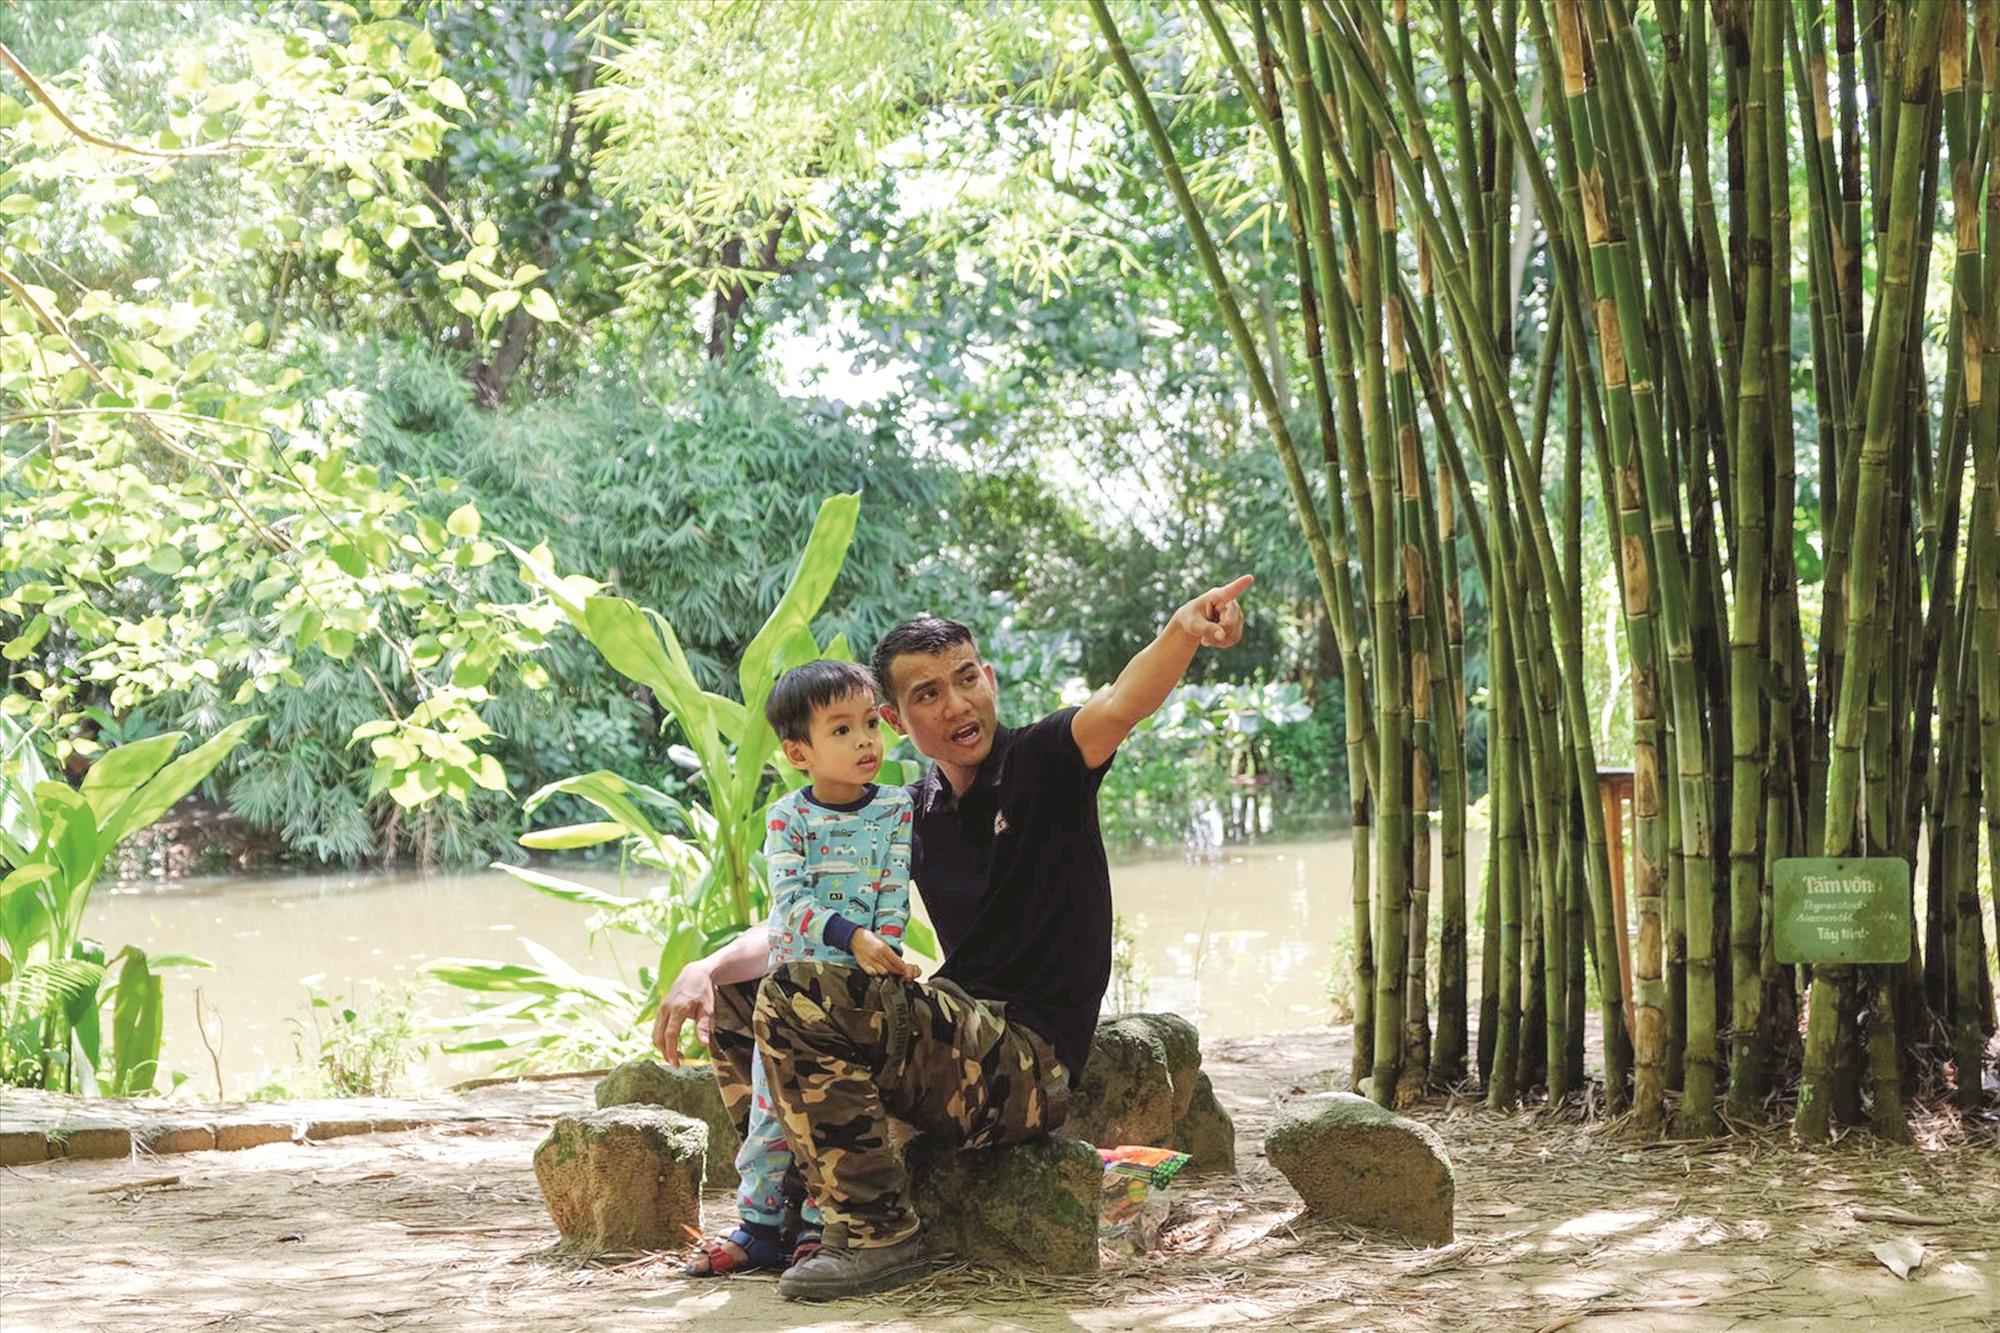 Mỗi ngày có hàng trăm lượt người tìm đến vườn tre để dạo chơi, ngắm cảnh.